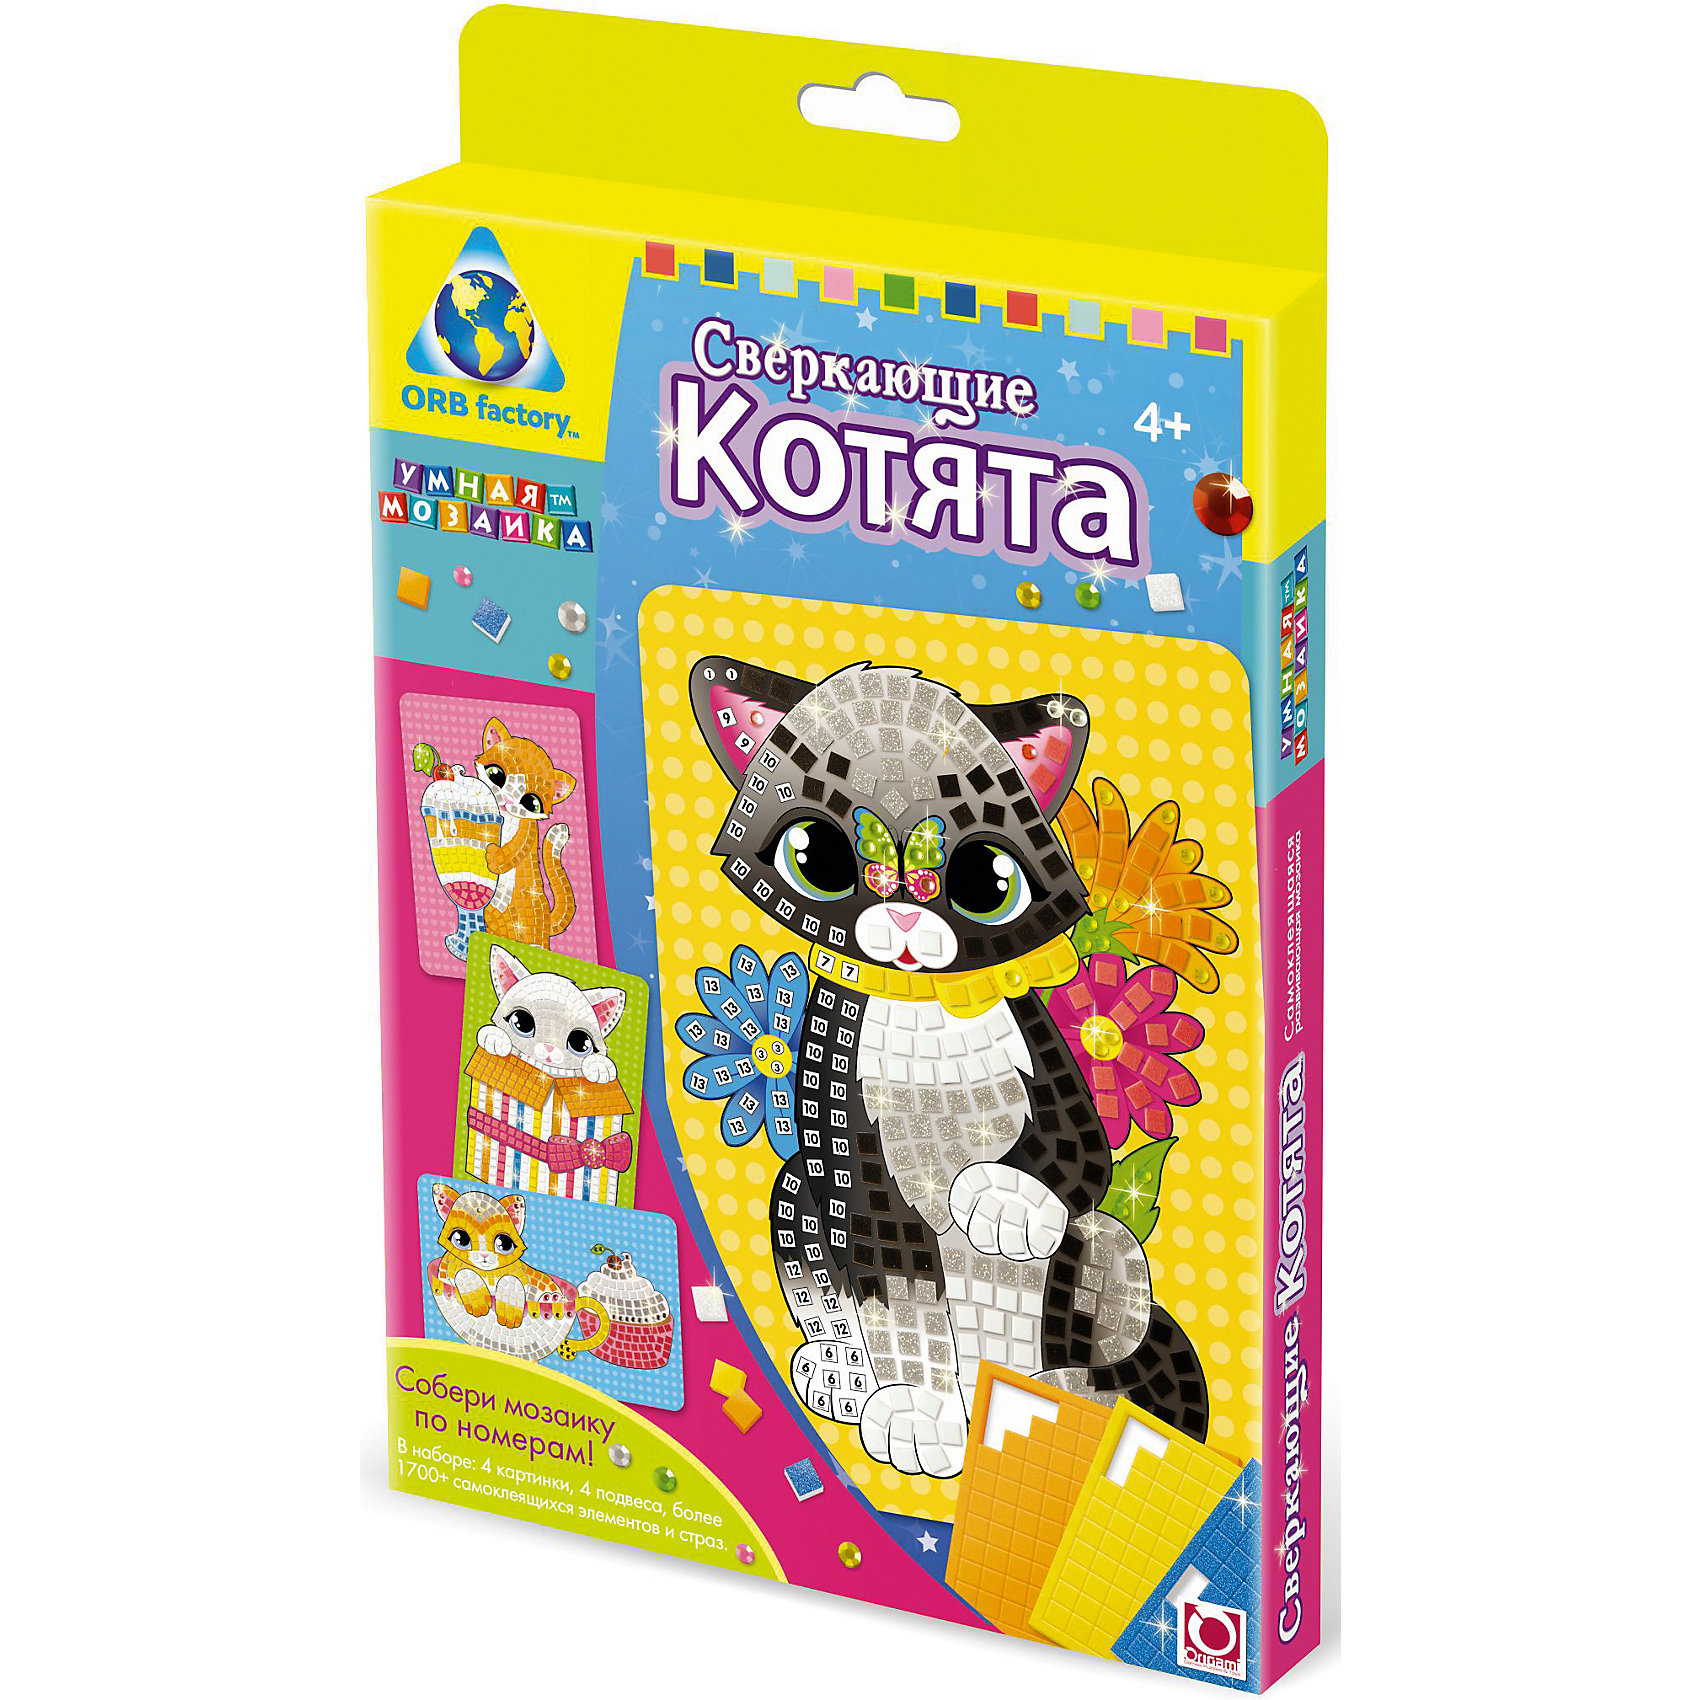 Origami Мозаика-набор Сверкающие котята, 4 картинки тотошка мозаика котята